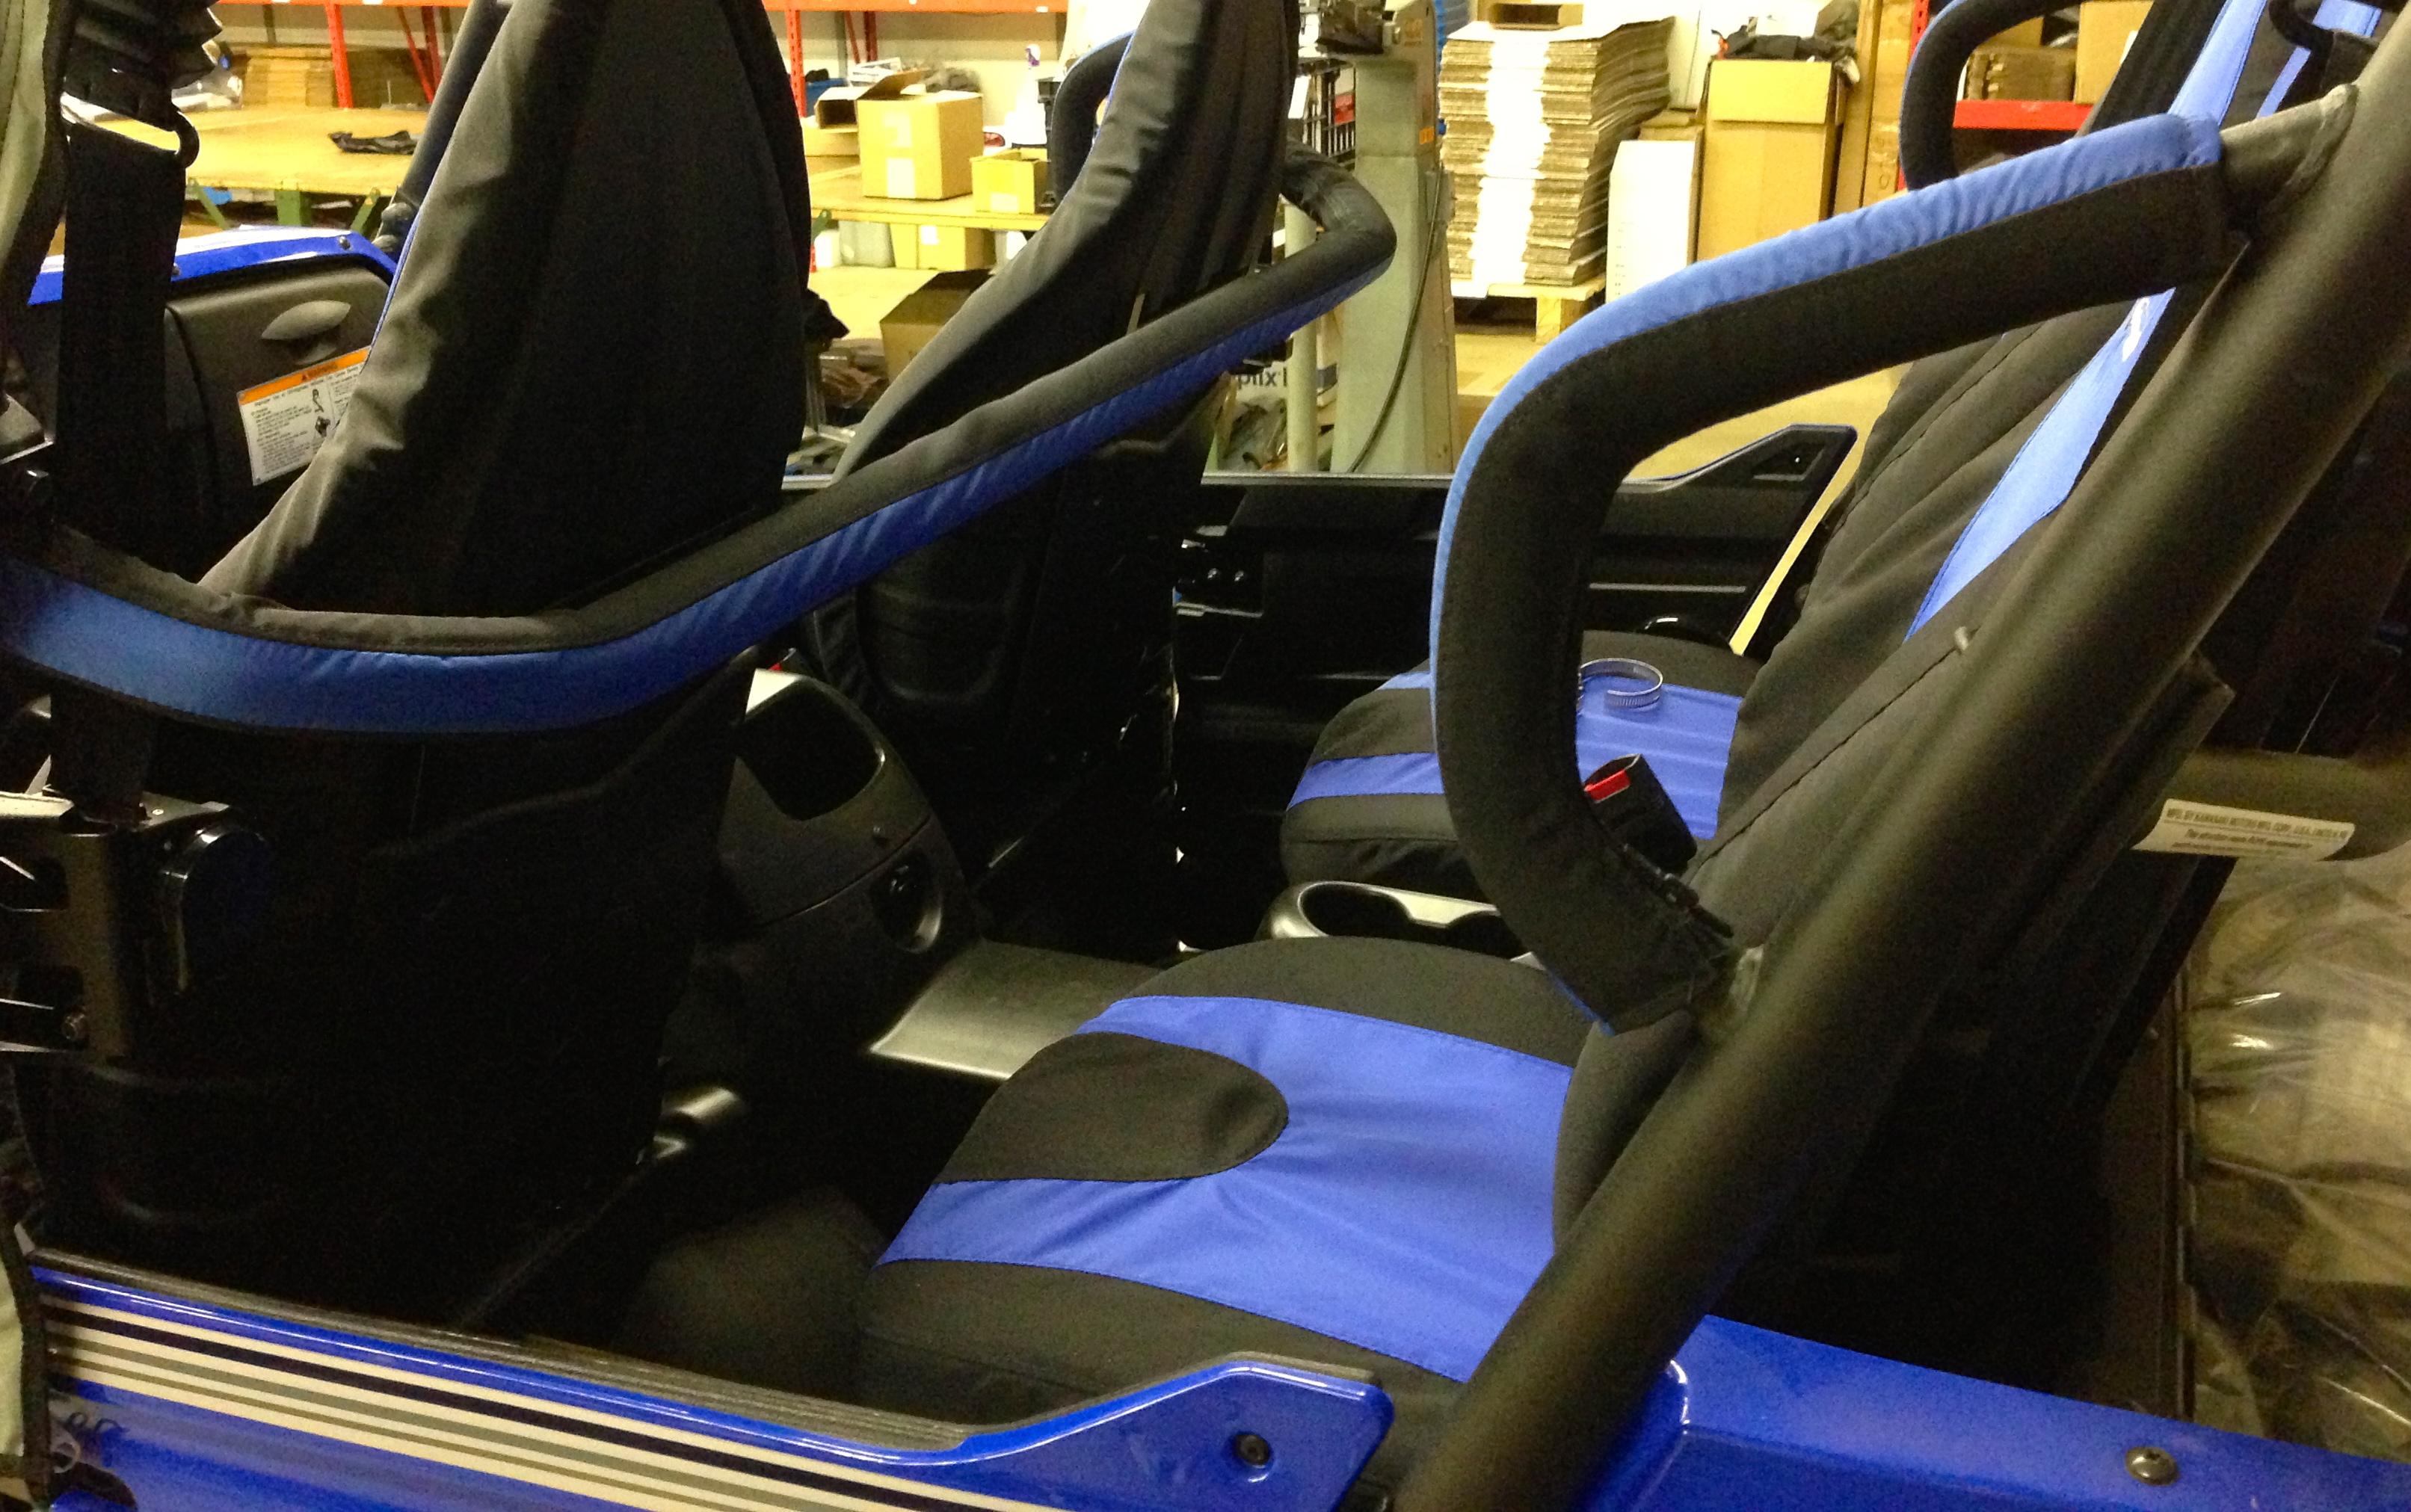 Kawasaki Teryx 2 And 4 Side Bar And Rear Grab Handle Pads